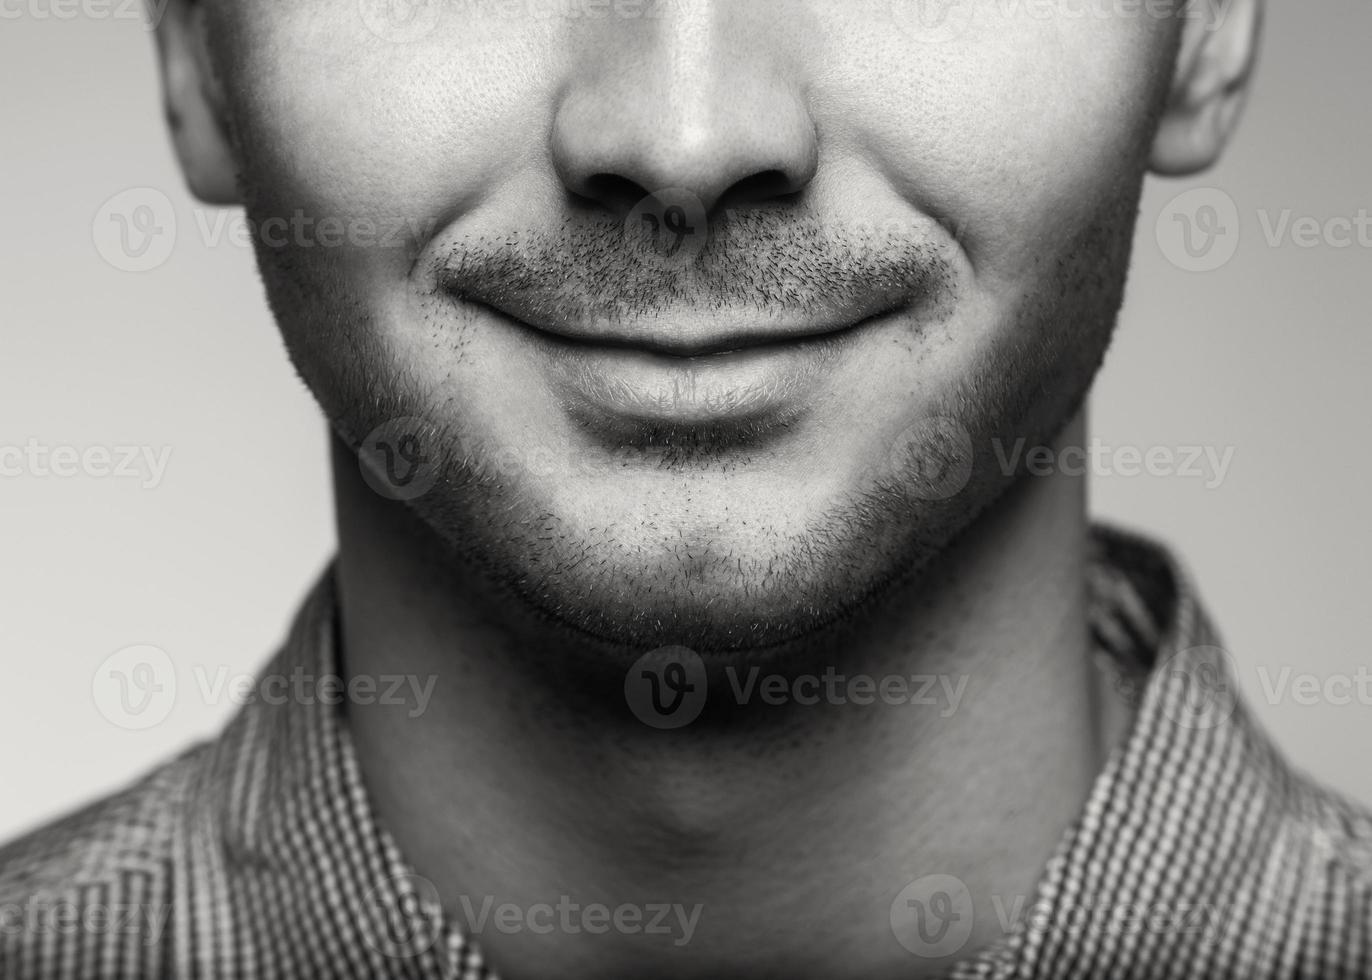 charmante en knappe man half gezicht close-up foto